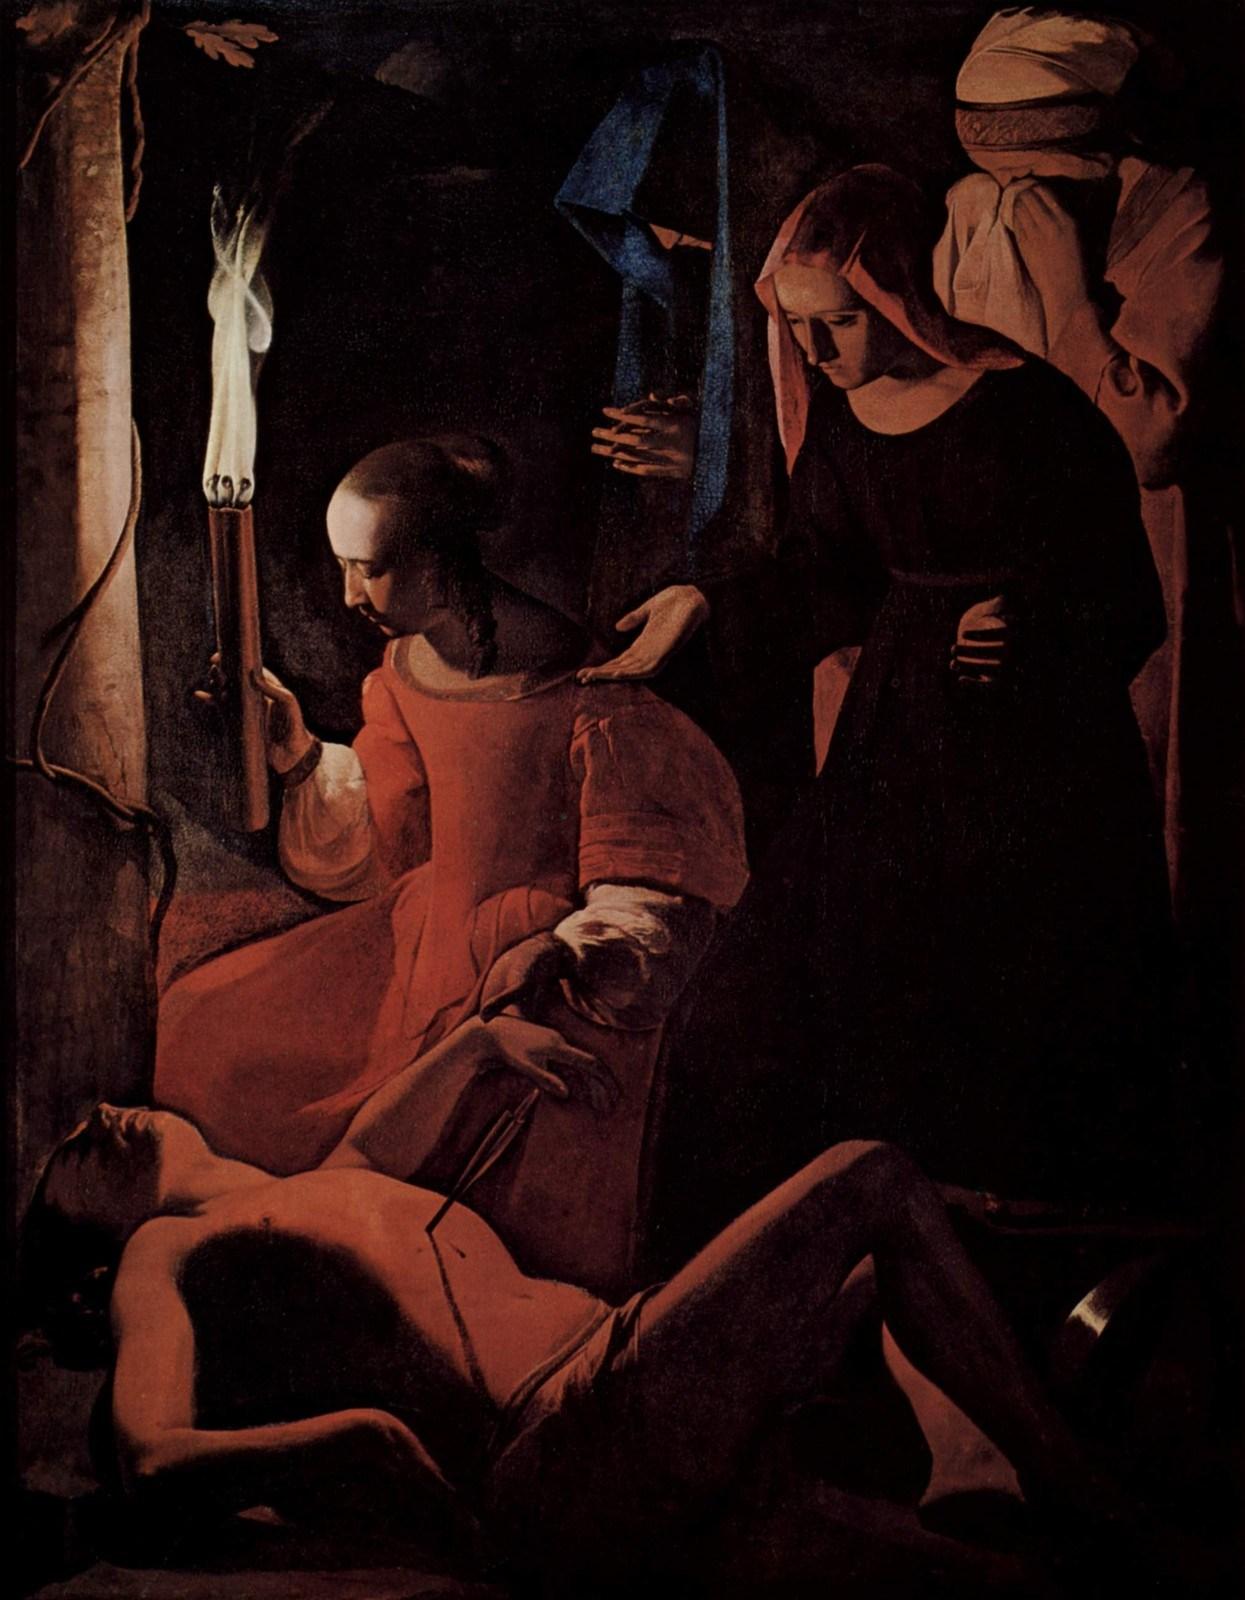 Жорж де Латур. Святой Себастьян. Ок. 1649